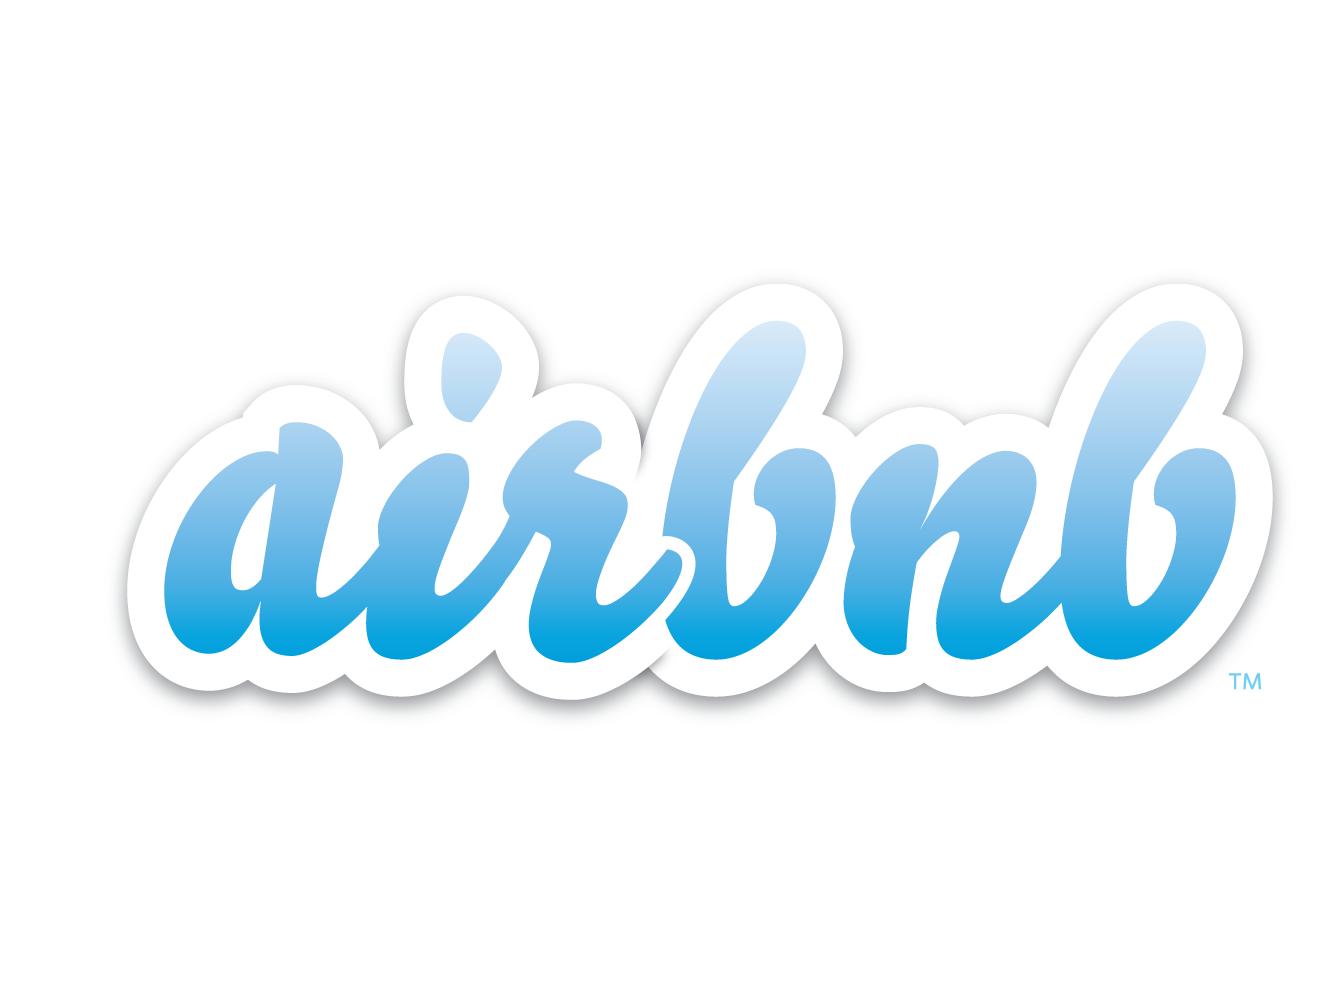 Воскресное чтиво. Airbnb — лучший сервис поиска жилья по всему миру